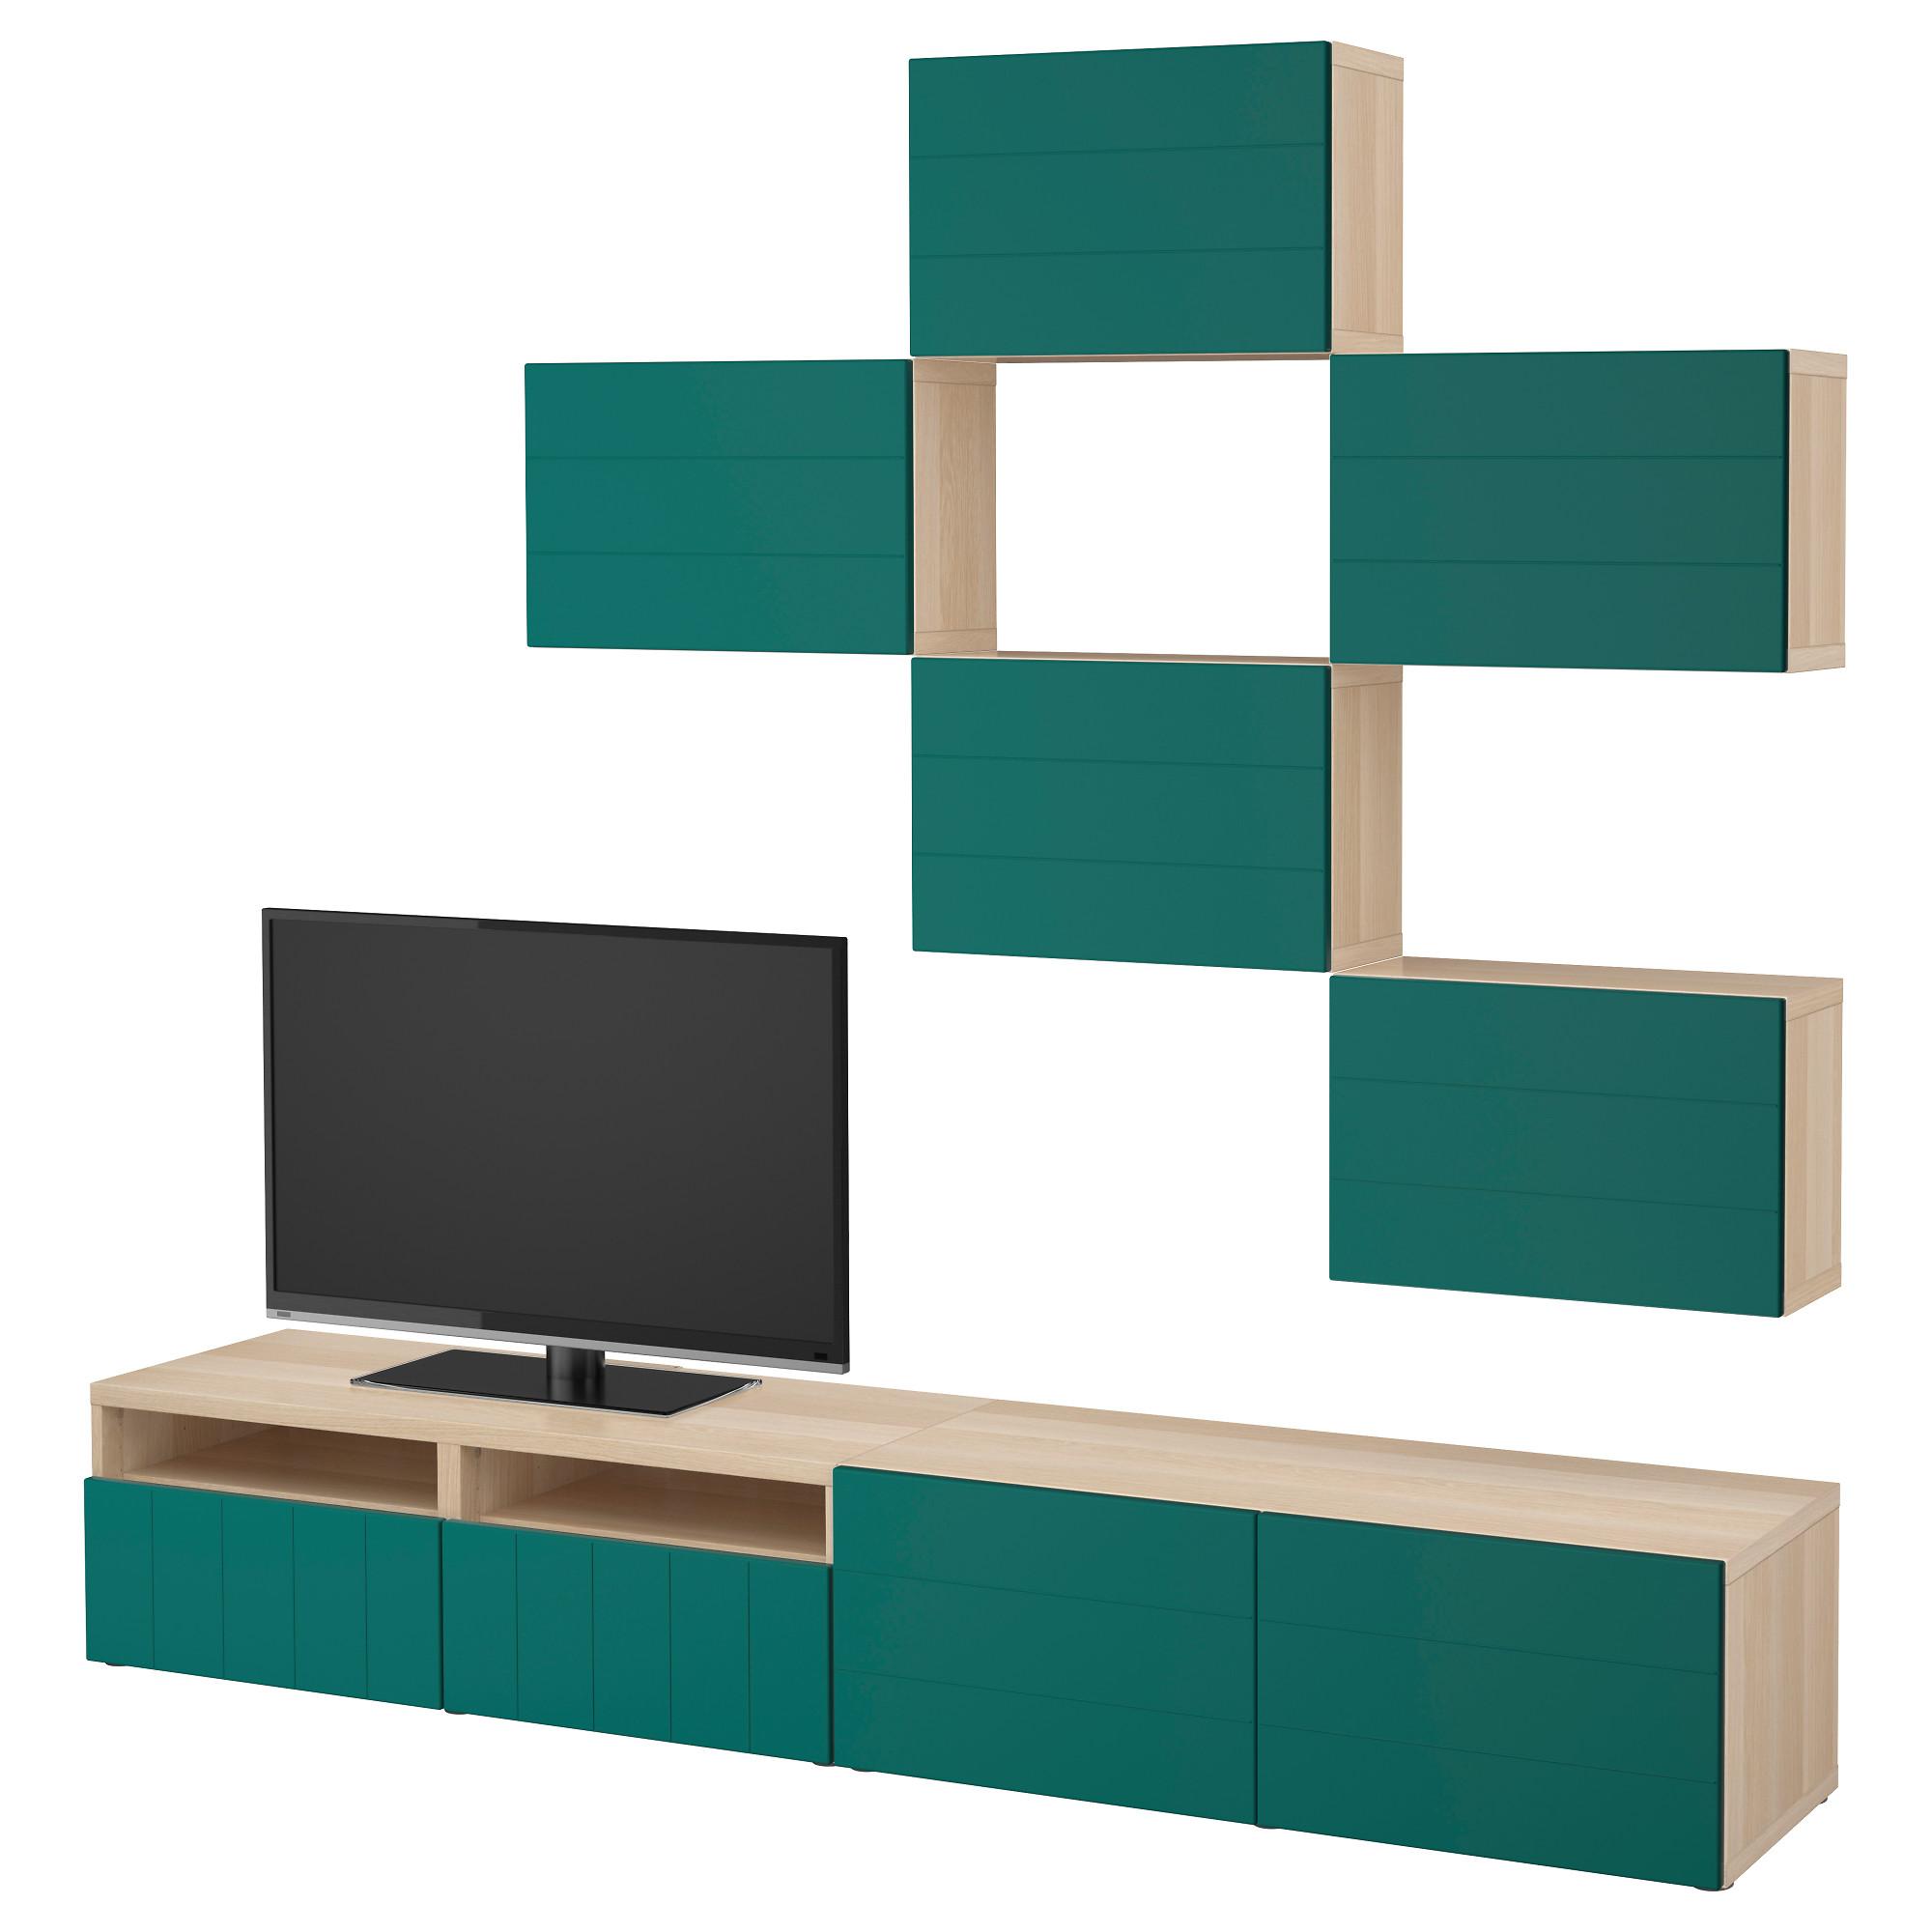 Шкаф для ТВ, комбинация БЕСТО сине-зеленый артикуль № 692.761.24 в наличии. Интернет сайт IKEA Беларусь. Быстрая доставка и установка.